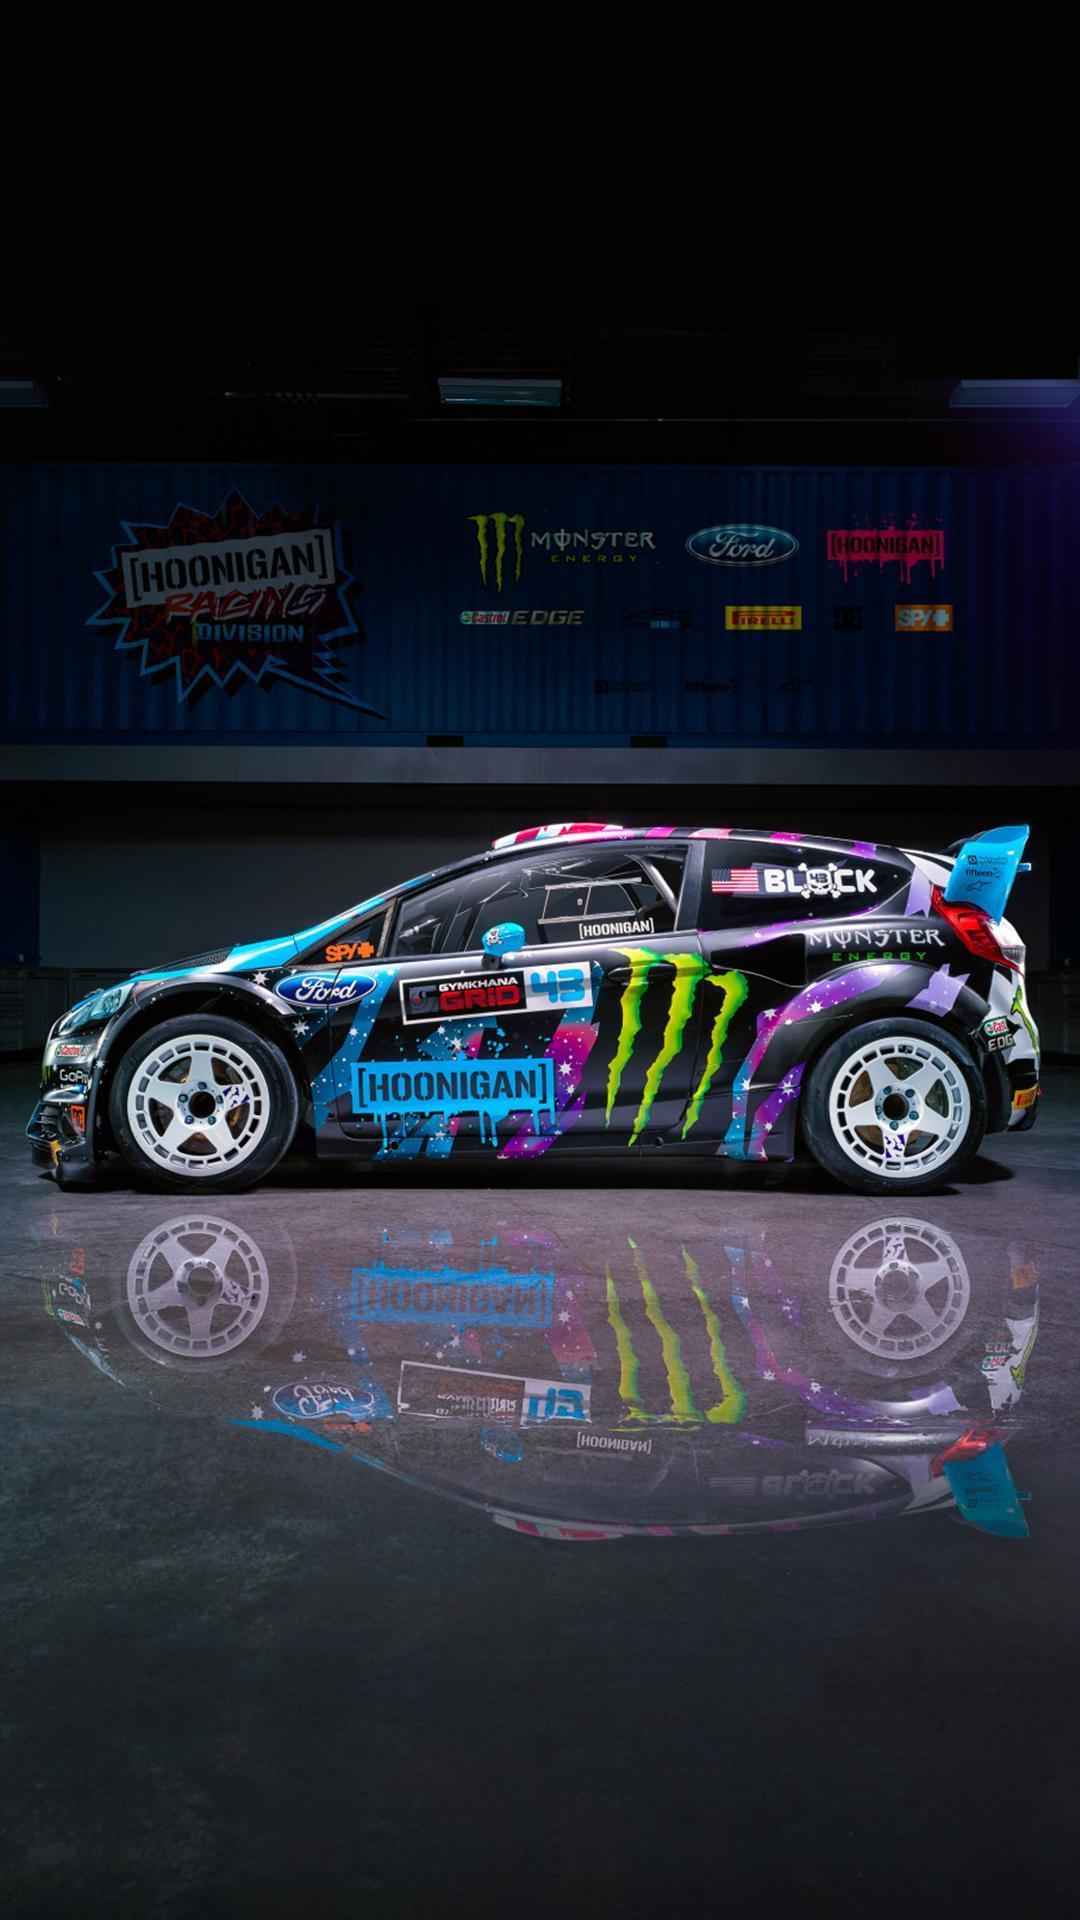 Racing Car Iphone Wallpaper